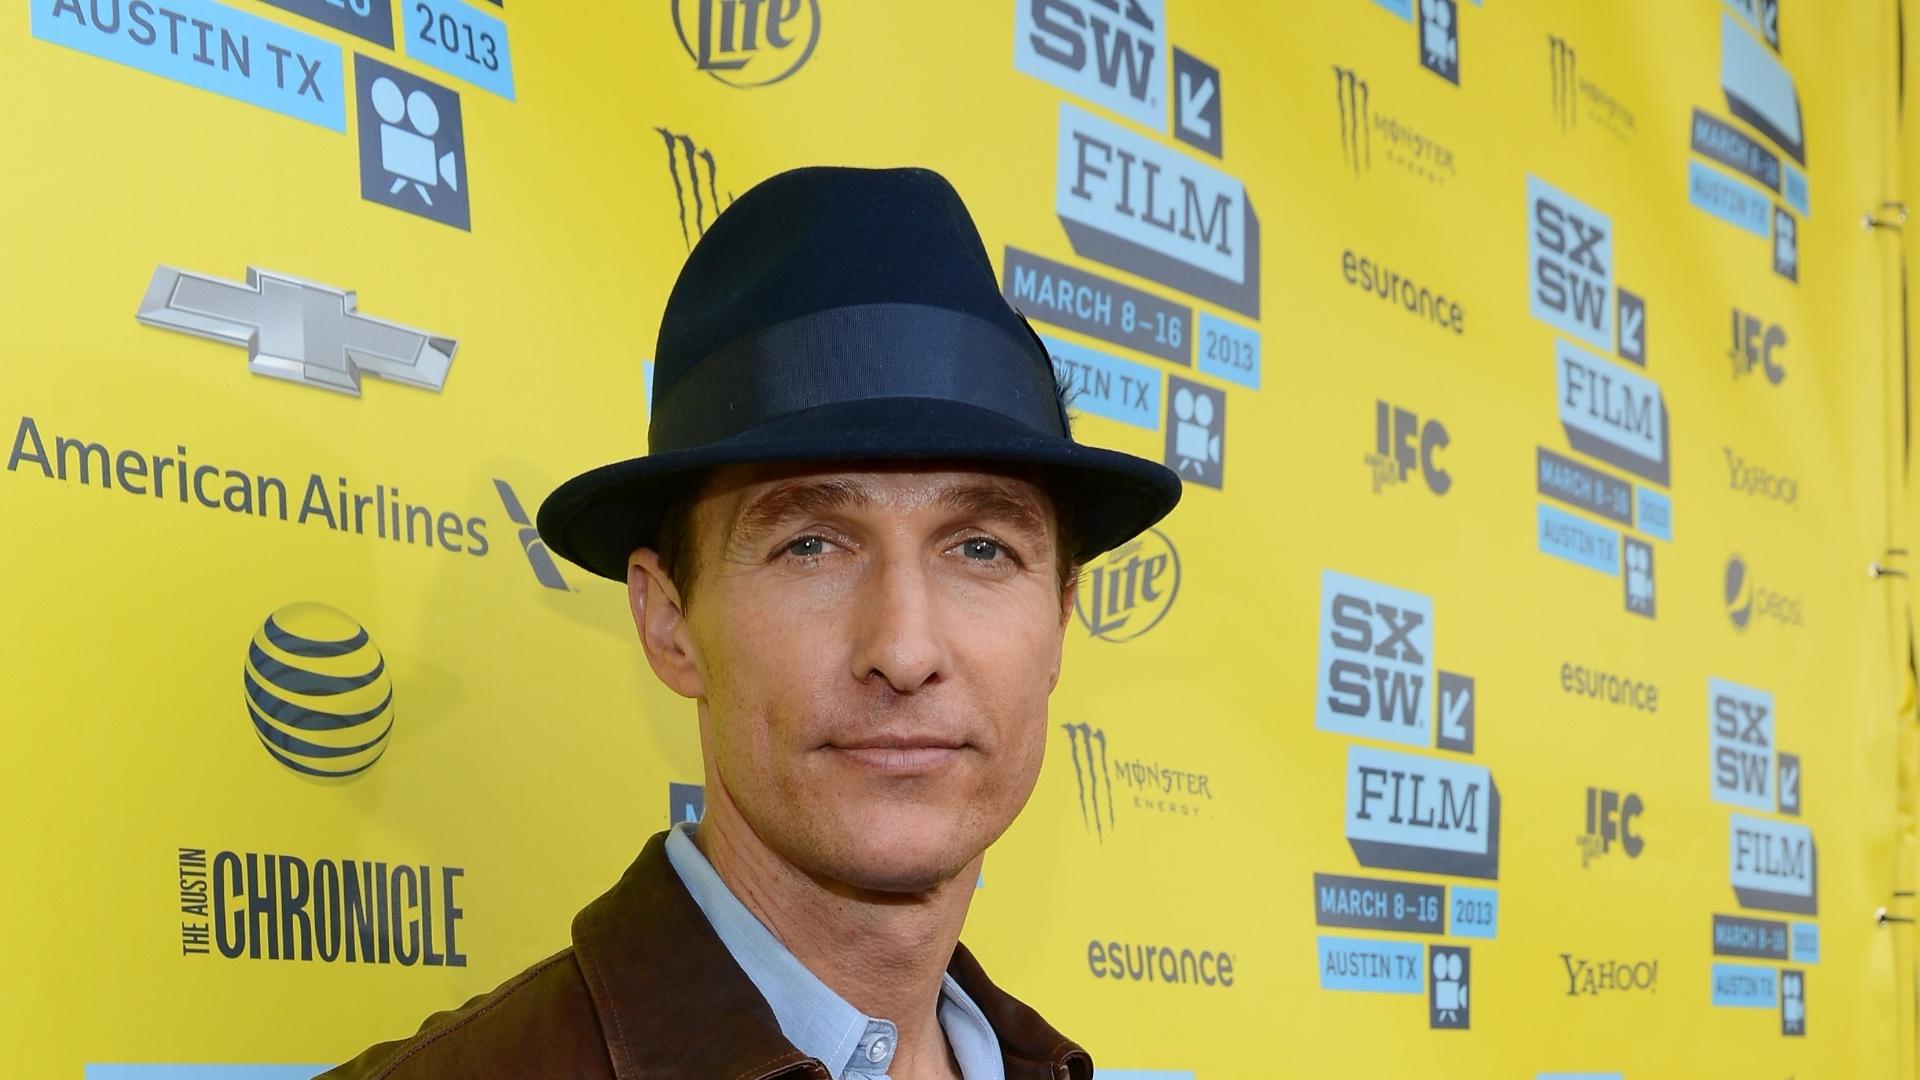 10.mar.2013 - O ator Matthew McConaughey posa para fotos em evento do filme